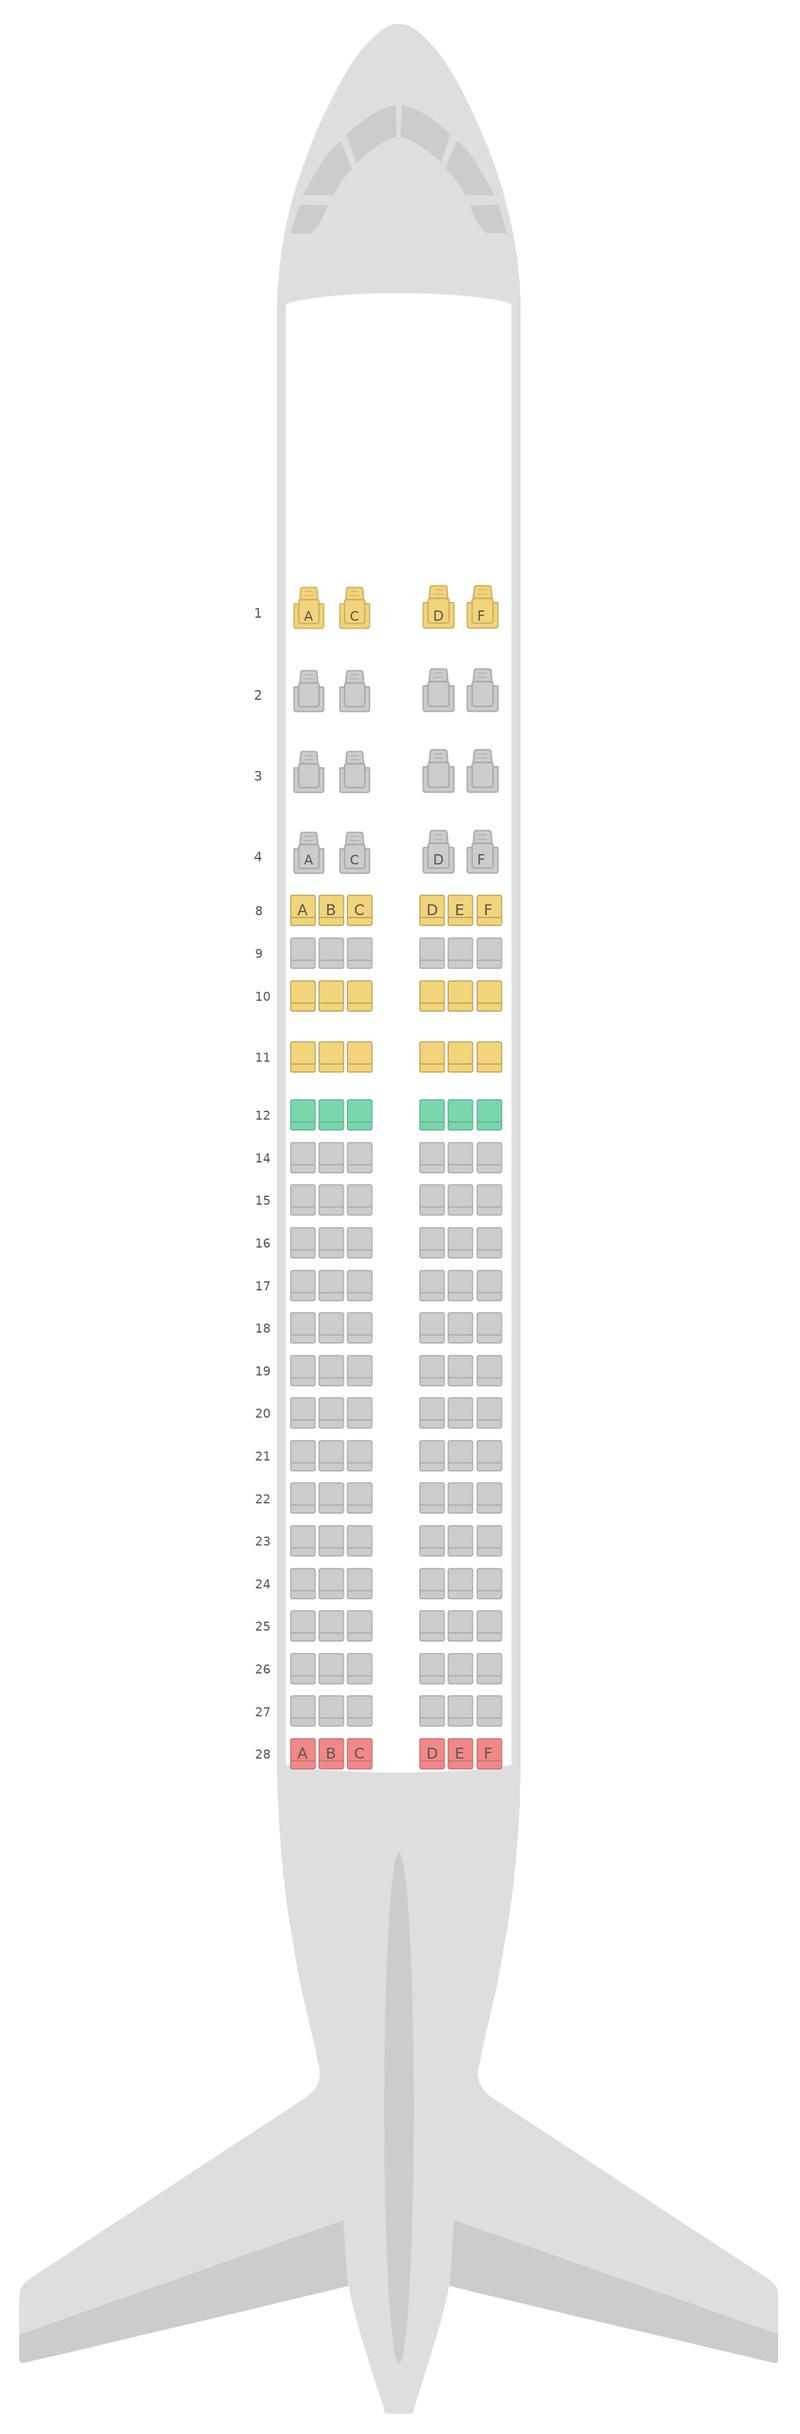 Mapa de asientos Airbus A320 Gulf Air